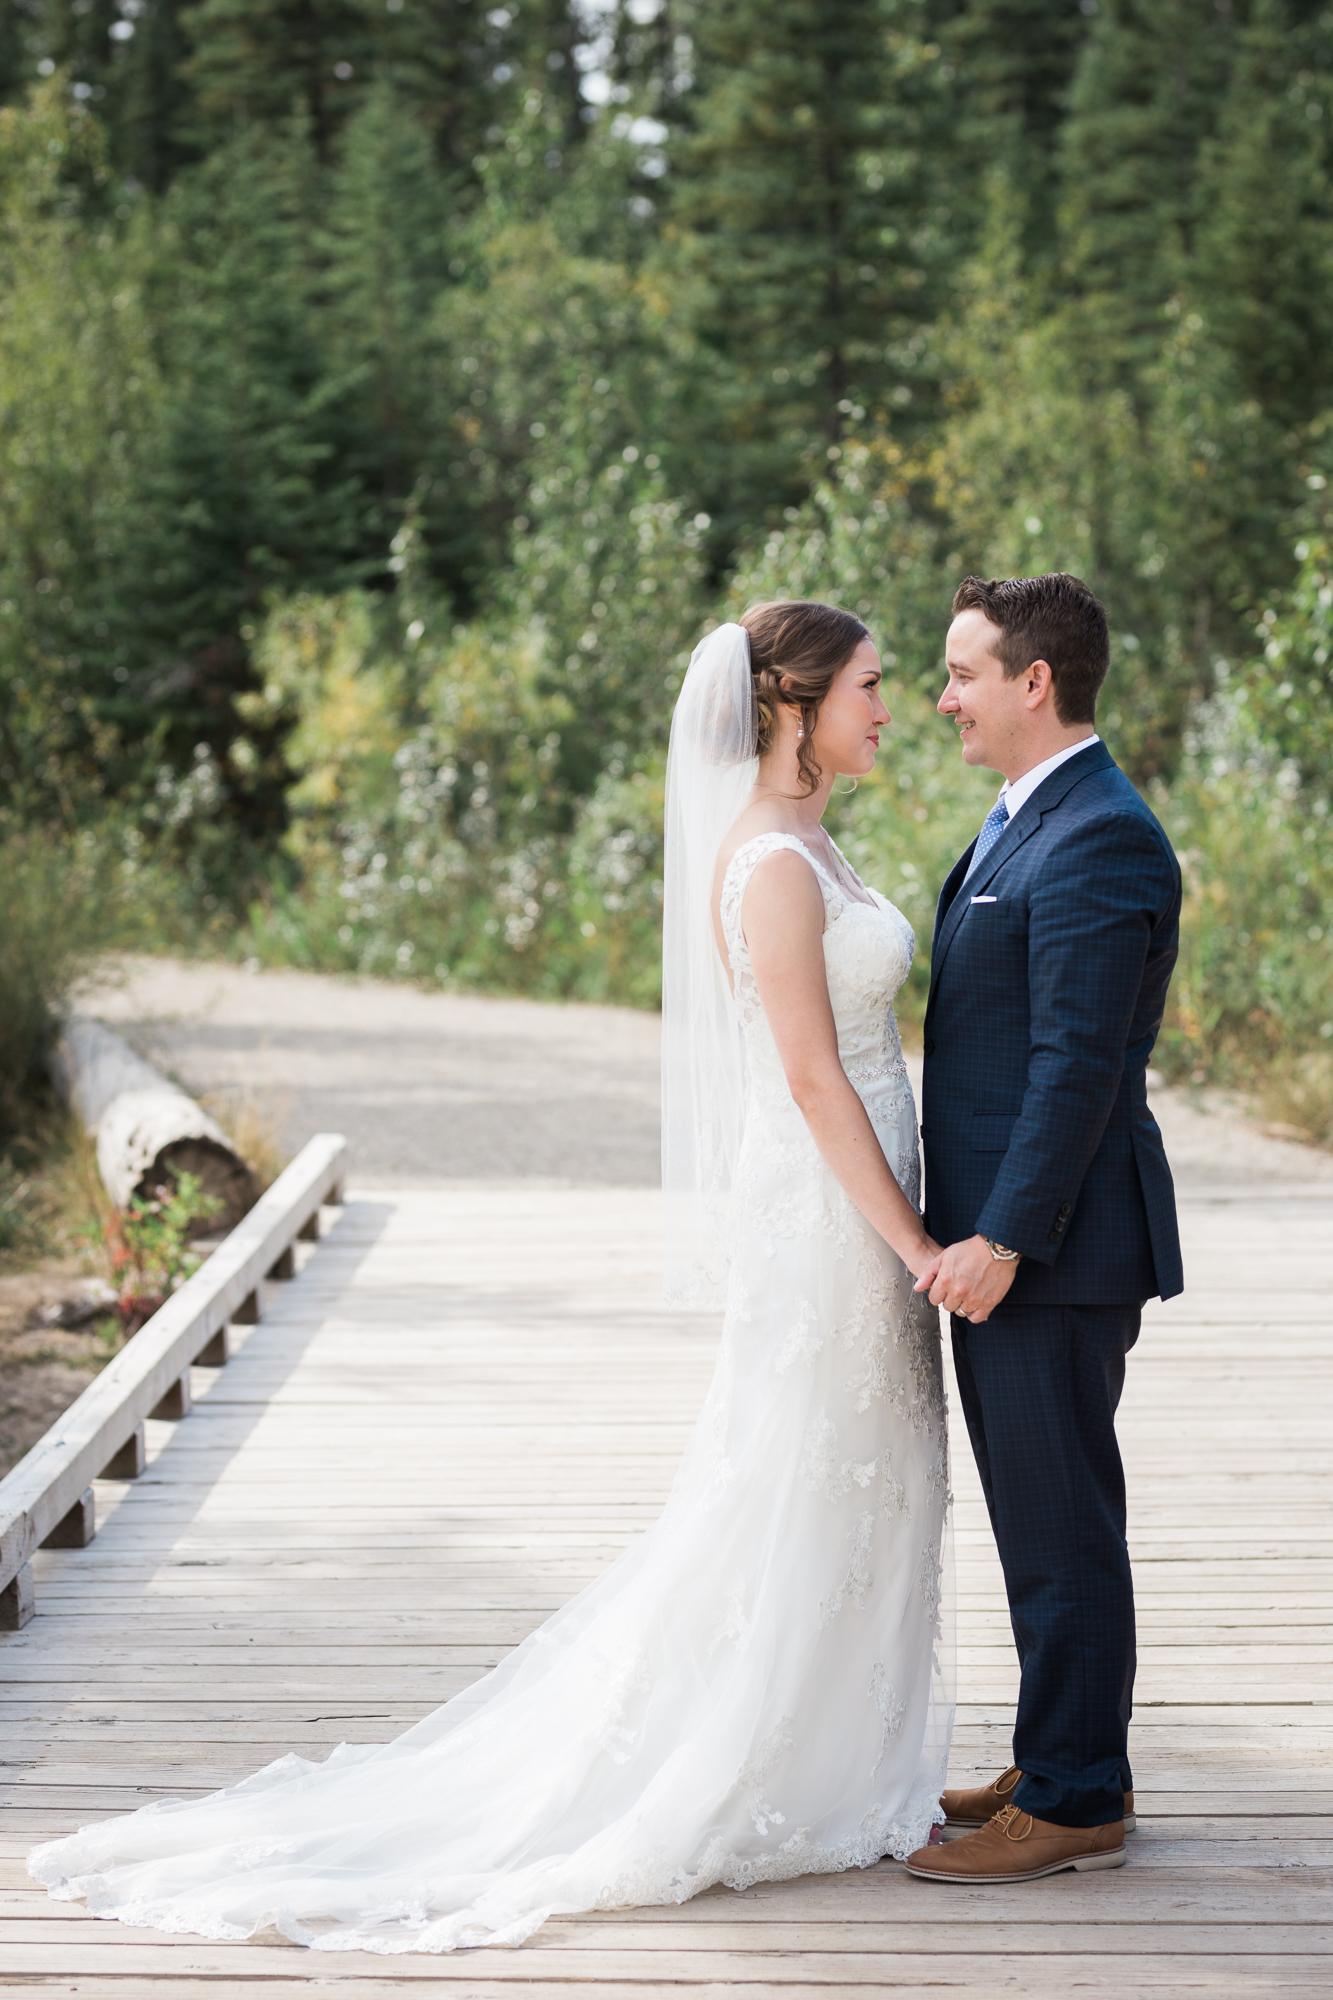 Deanna-Rachel-Photography-calgary-Wedding-photographer-jm-43.jpg